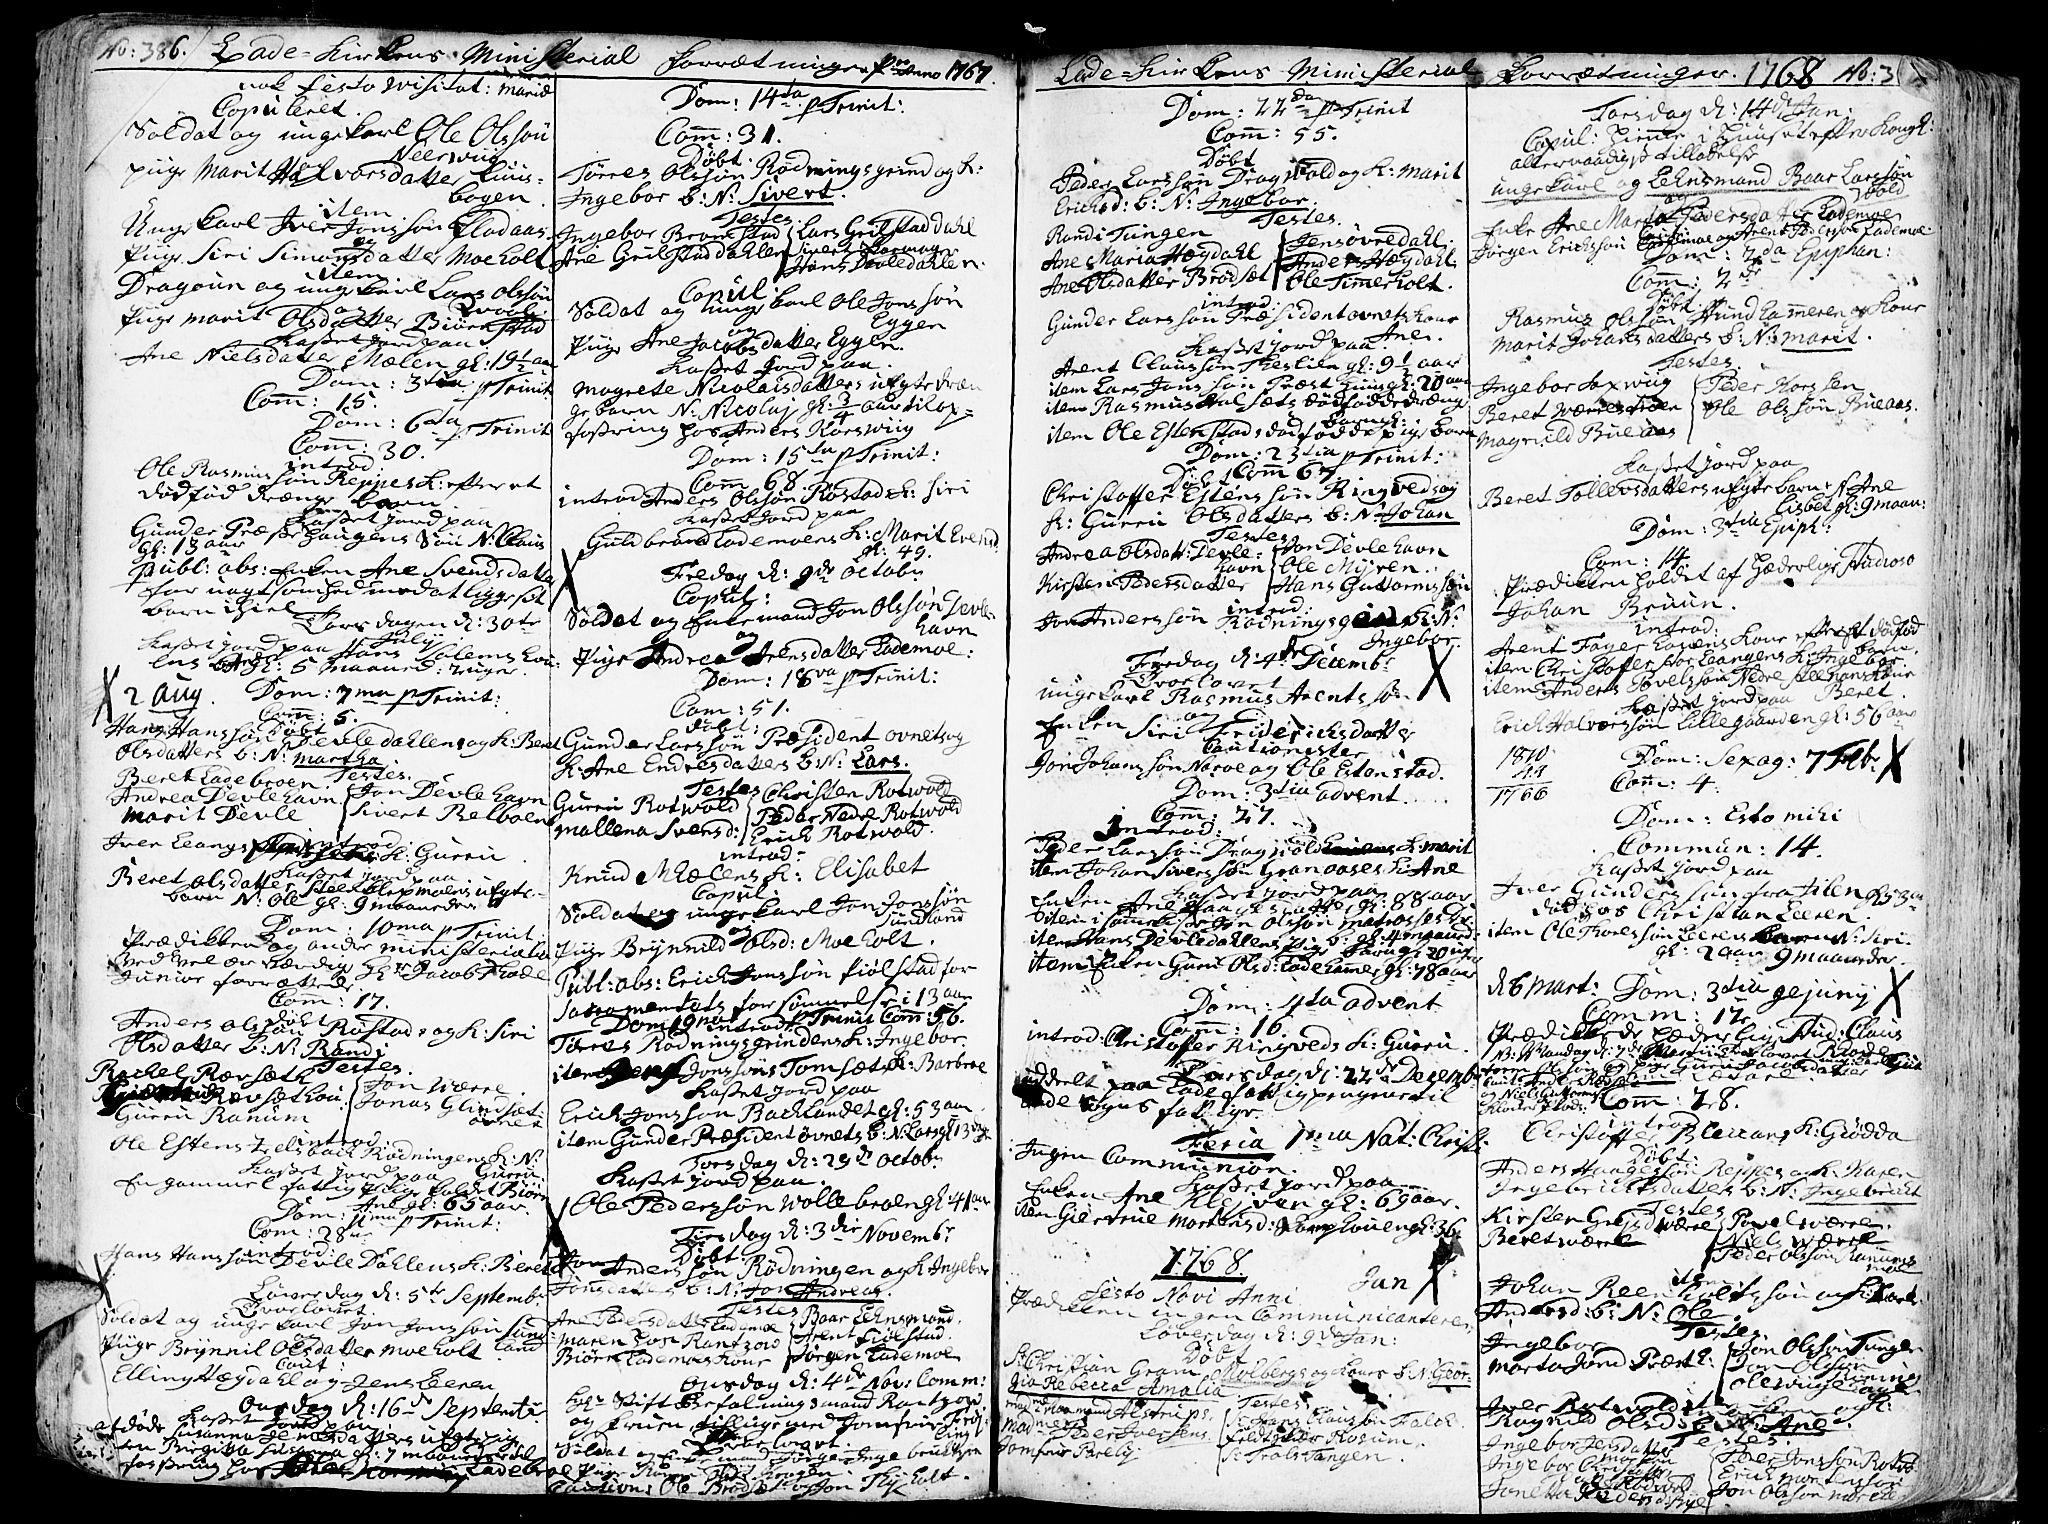 SAT, Ministerialprotokoller, klokkerbøker og fødselsregistre - Sør-Trøndelag, 606/L0275: Ministerialbok nr. 606A01 /1, 1727-1780, s. 386-387